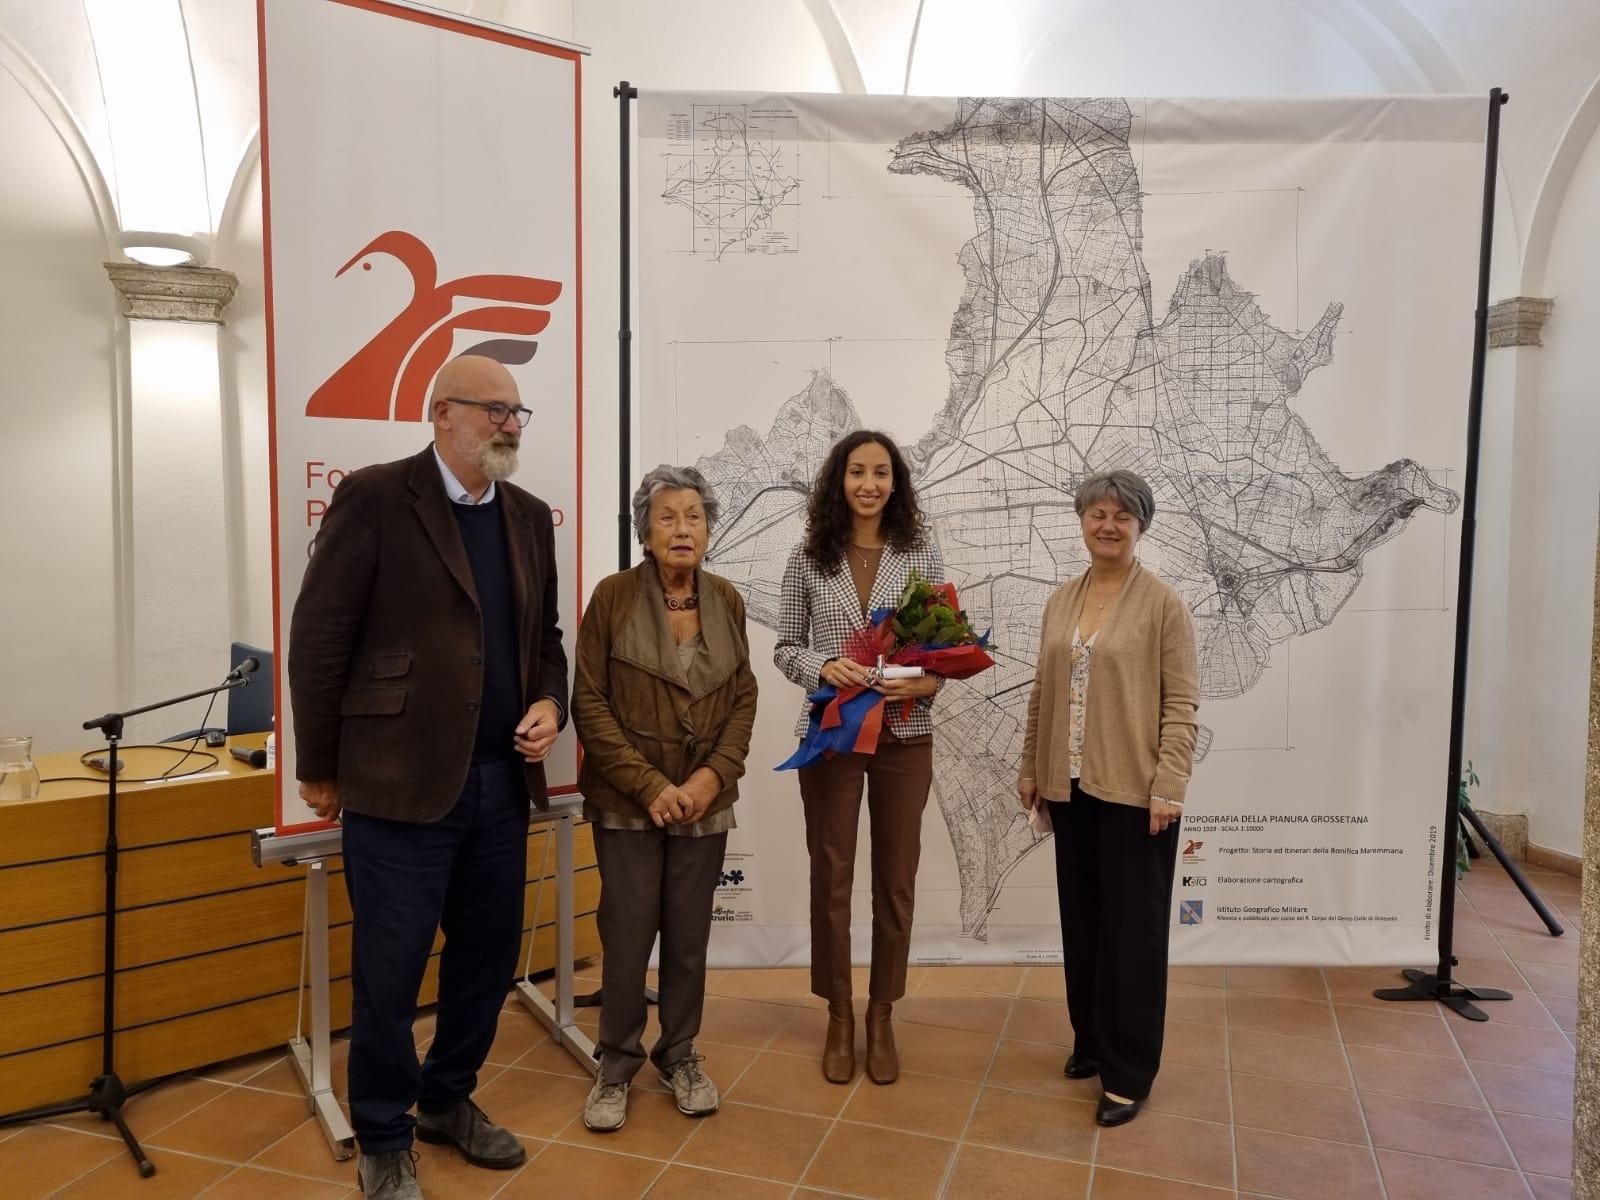 Premio-di-laurea-Antichi-alla-vincitrice-dott.ssa-Esmeralda-Olivari